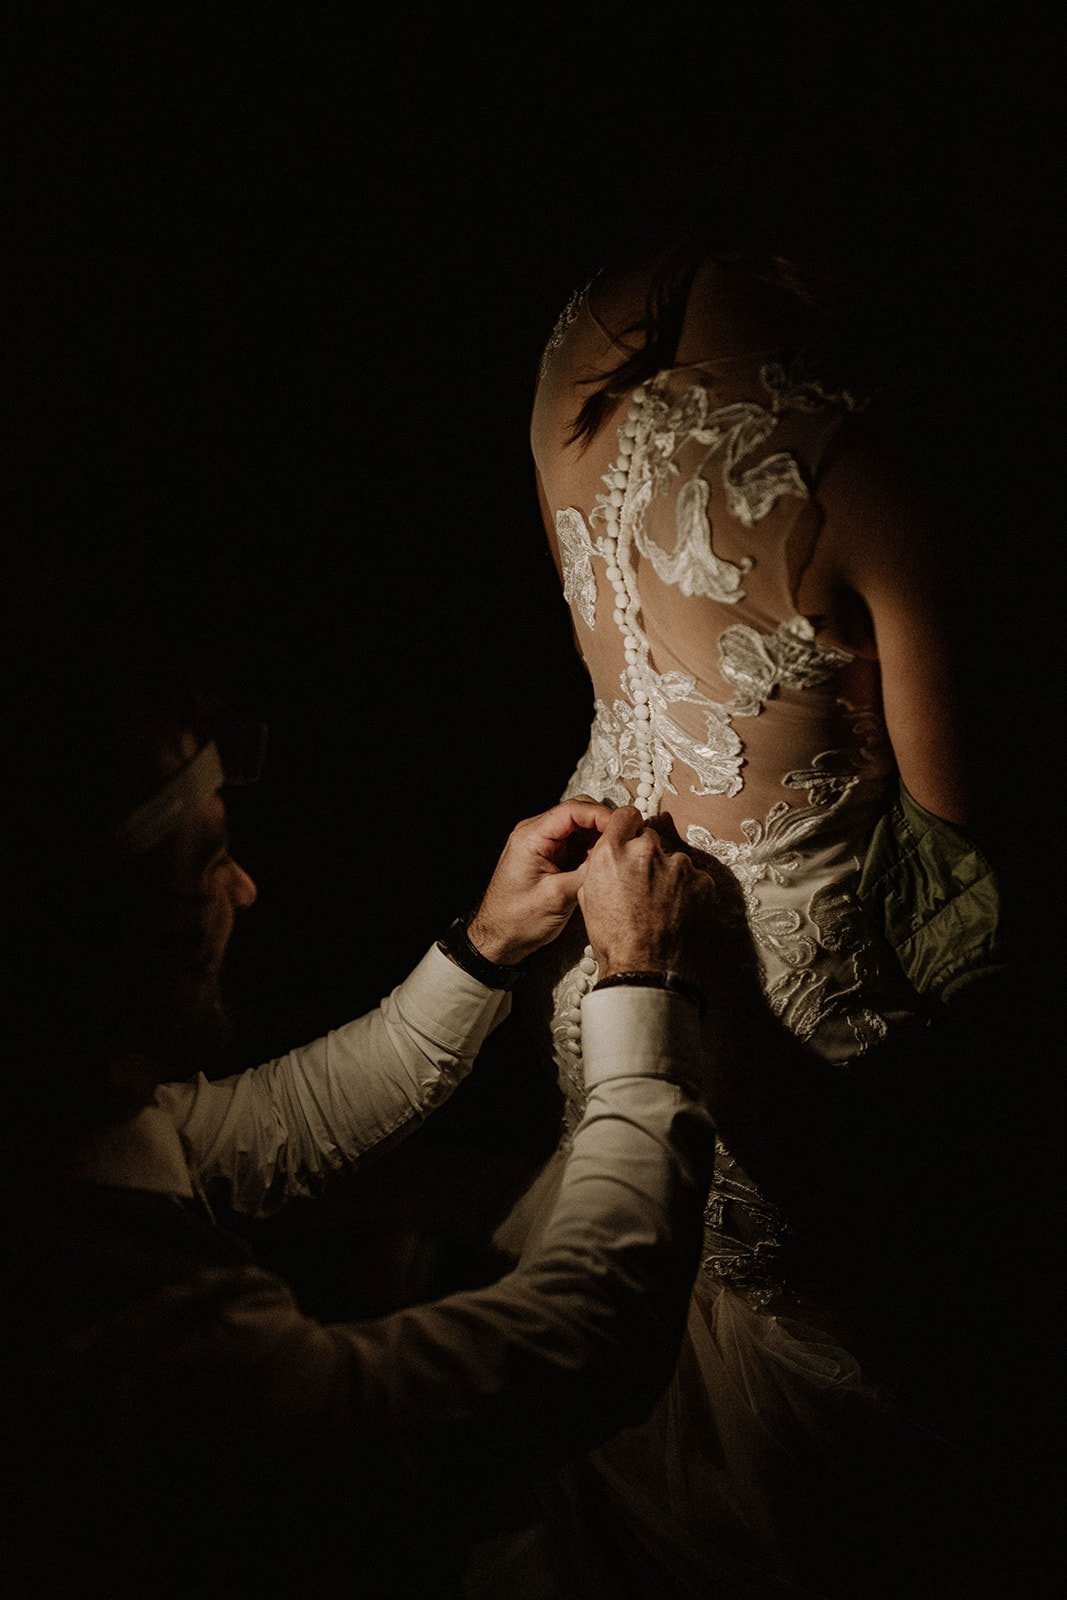 groom helping his bride get dressed